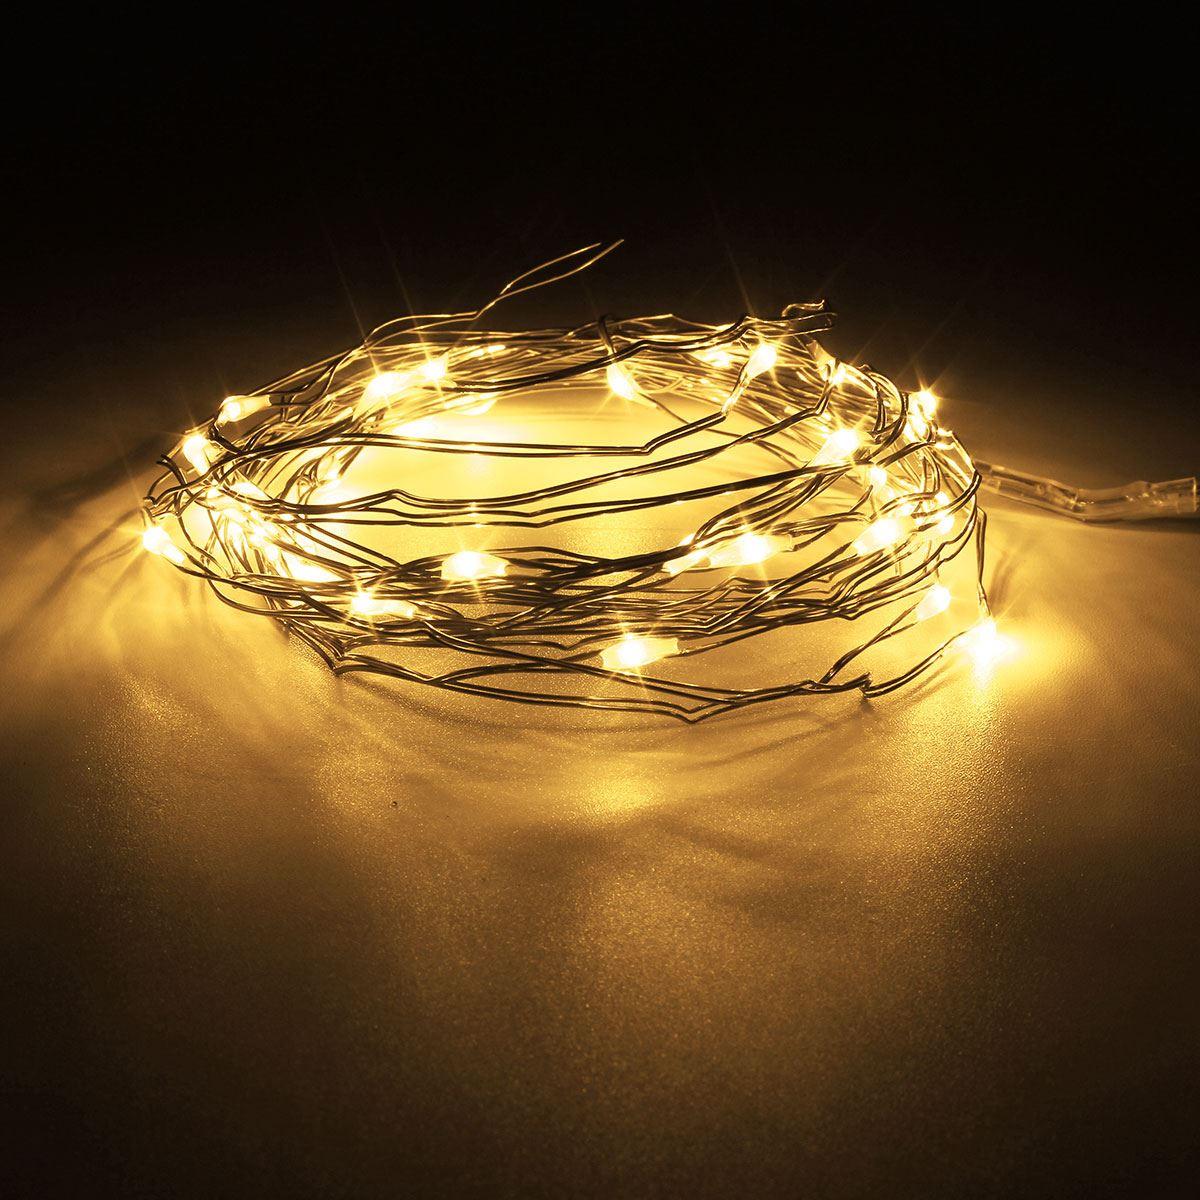 mising 2 3 4m multicolor led string light battery led. Black Bedroom Furniture Sets. Home Design Ideas